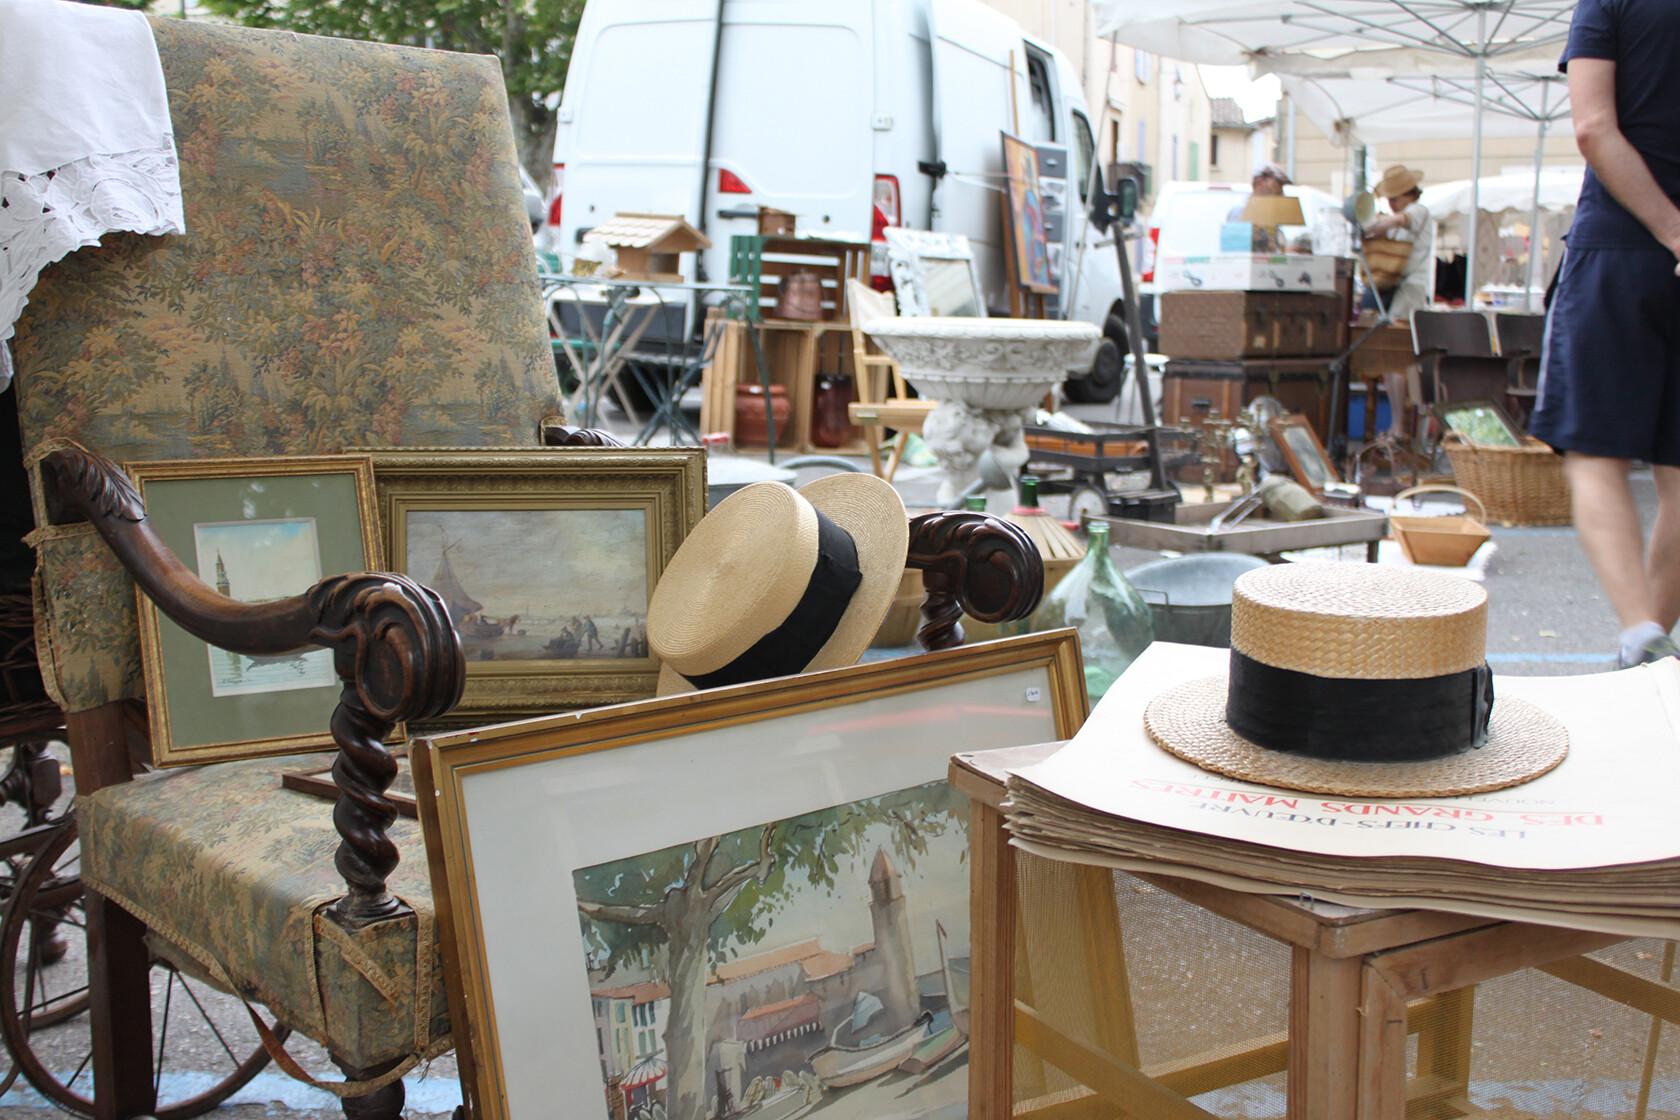 Tour d'Aigues vide grenier Provence Rent our Home